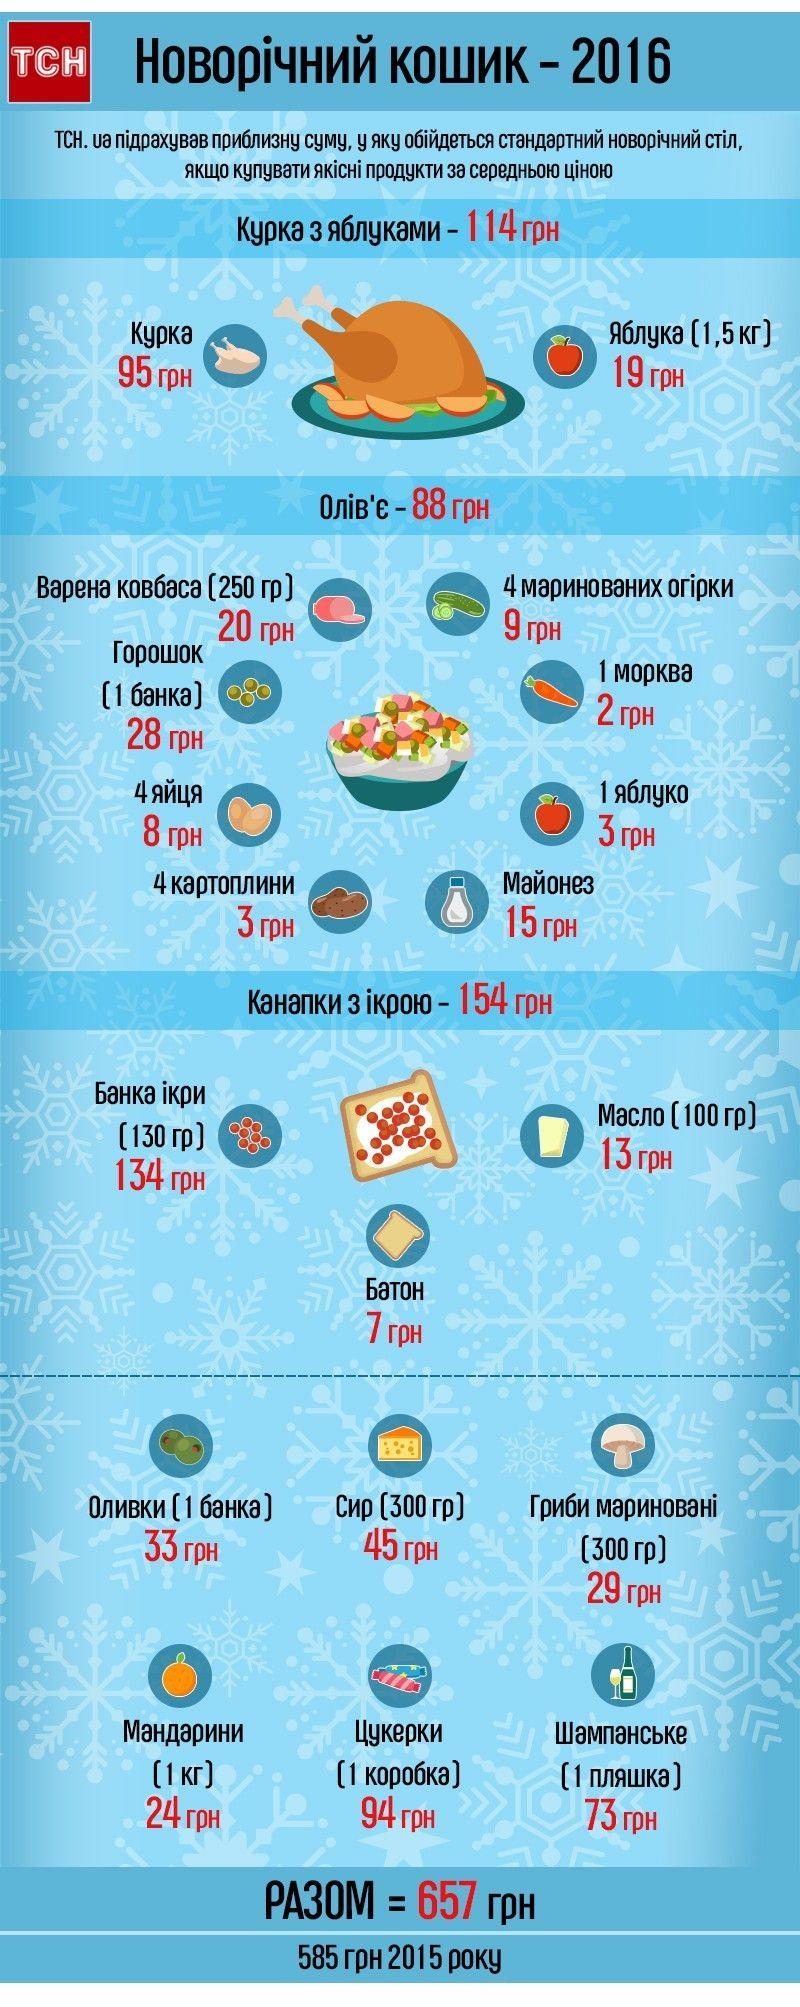 Новорічний кошик, стіл 2016, інфографіка